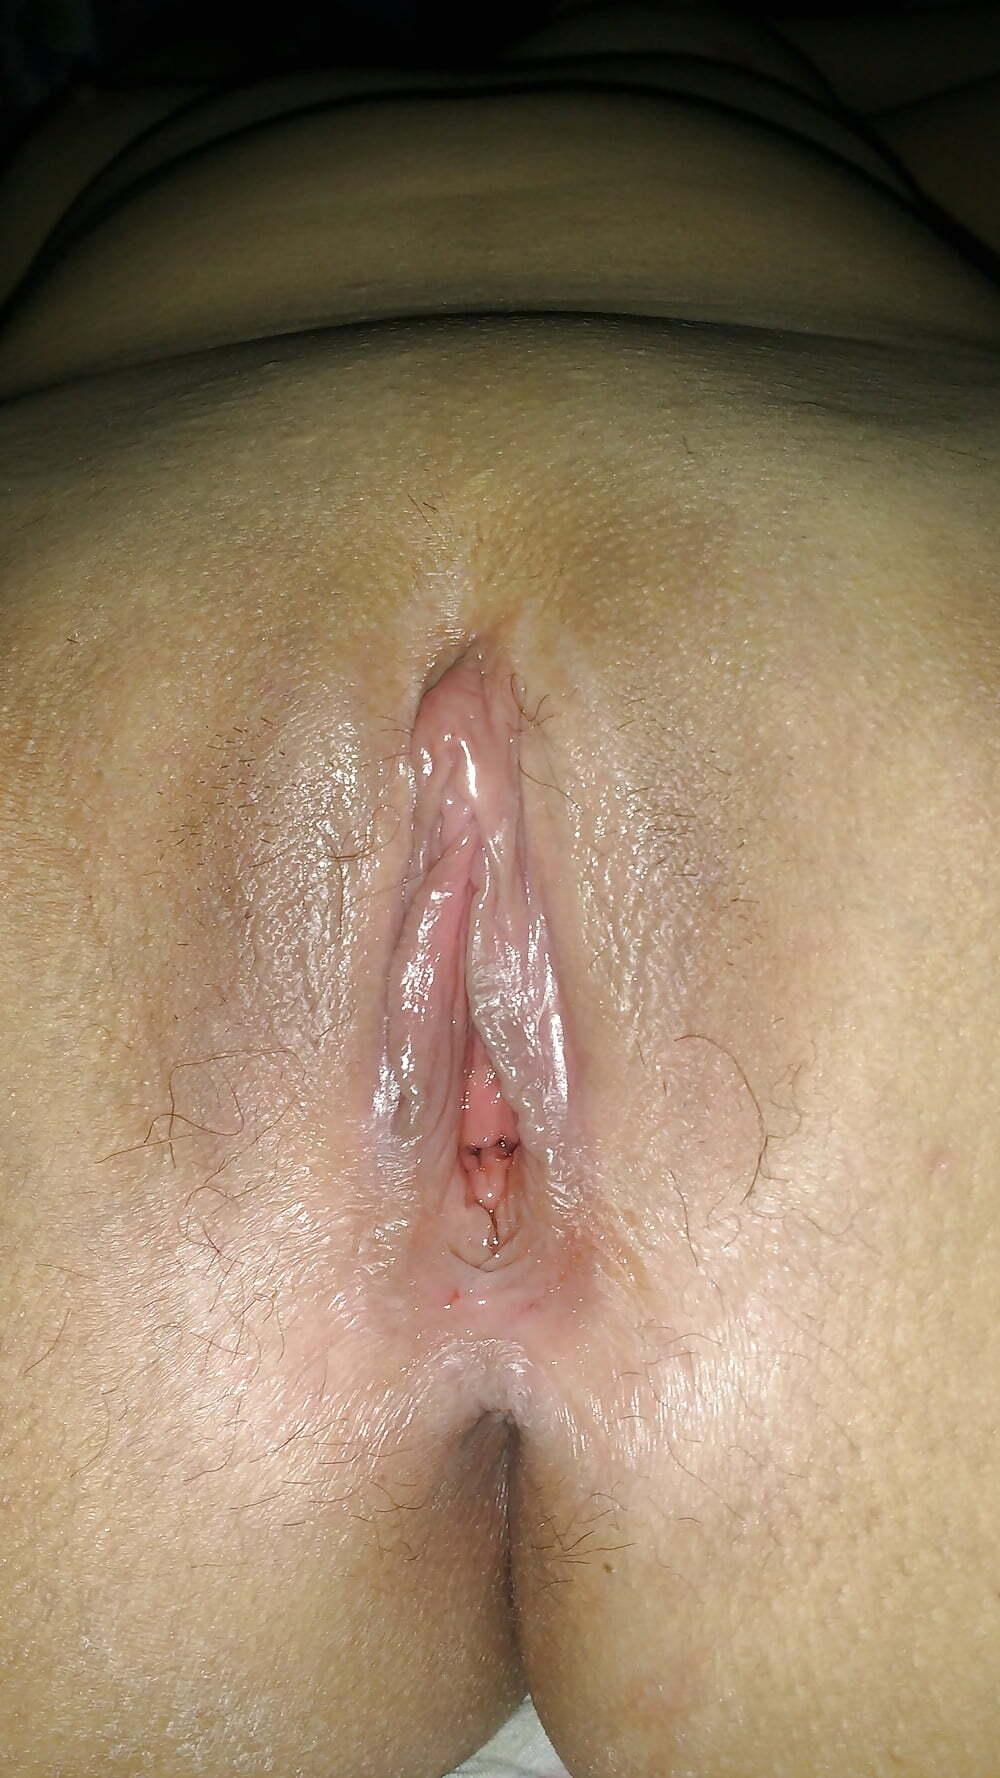 Fotos conchas, imagenes de coños, fotos chochos, vaginas